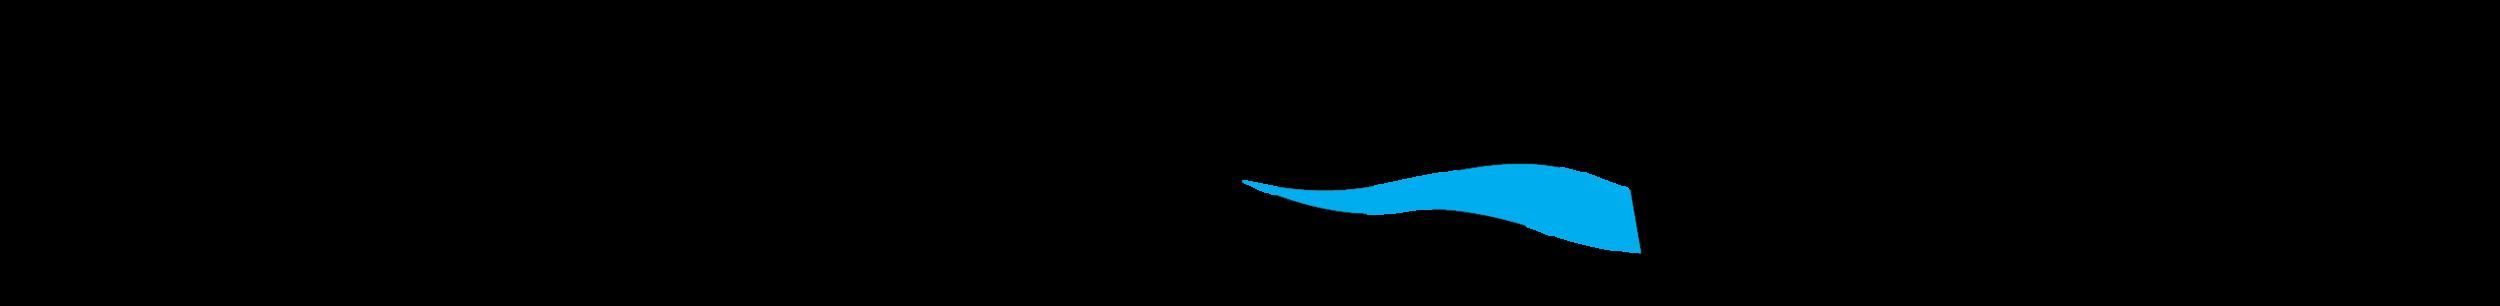 airmada logo (black).png